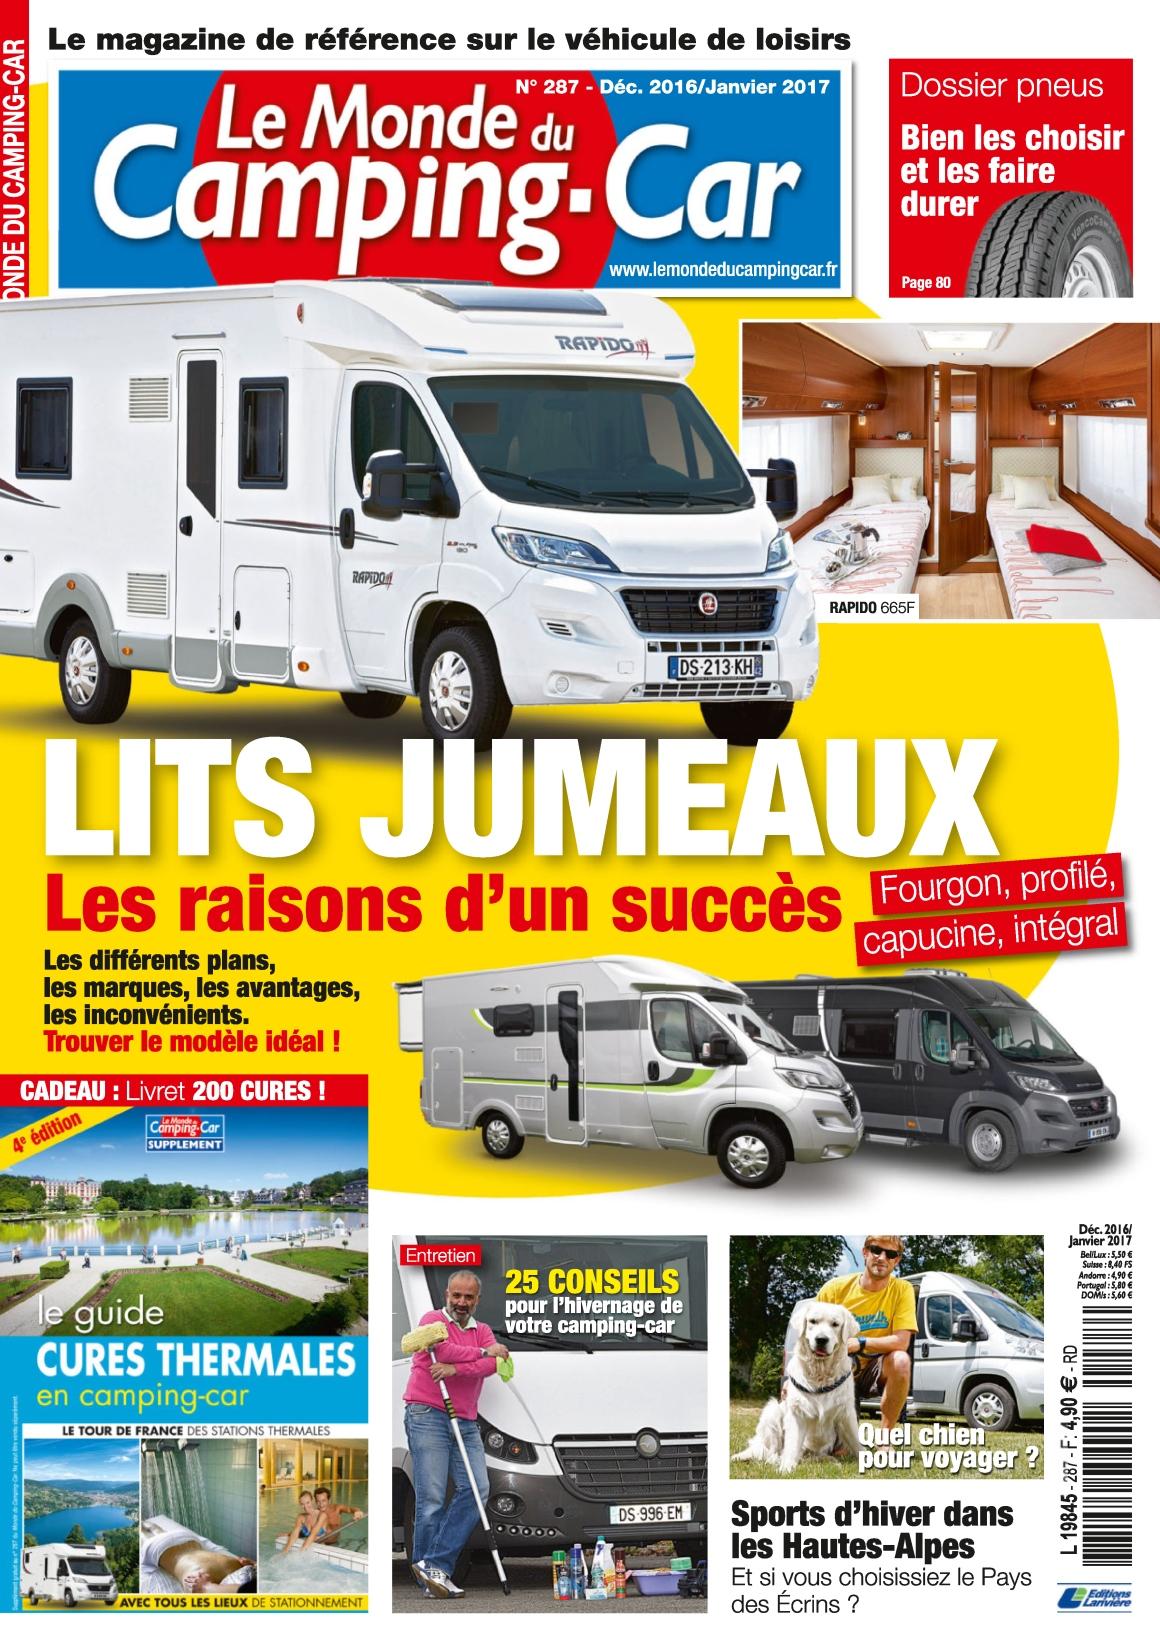 Le Monde du Camping-Car 287 - Décembre 2016/Janvier 2017